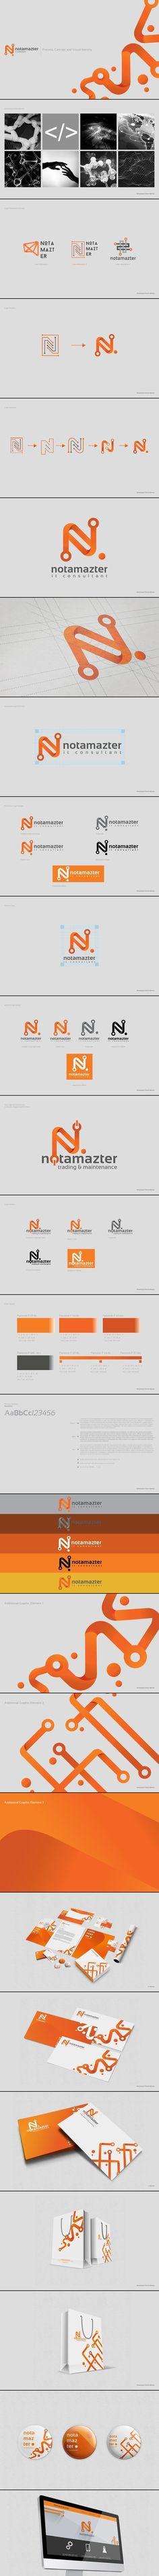 Notamazter visual identity